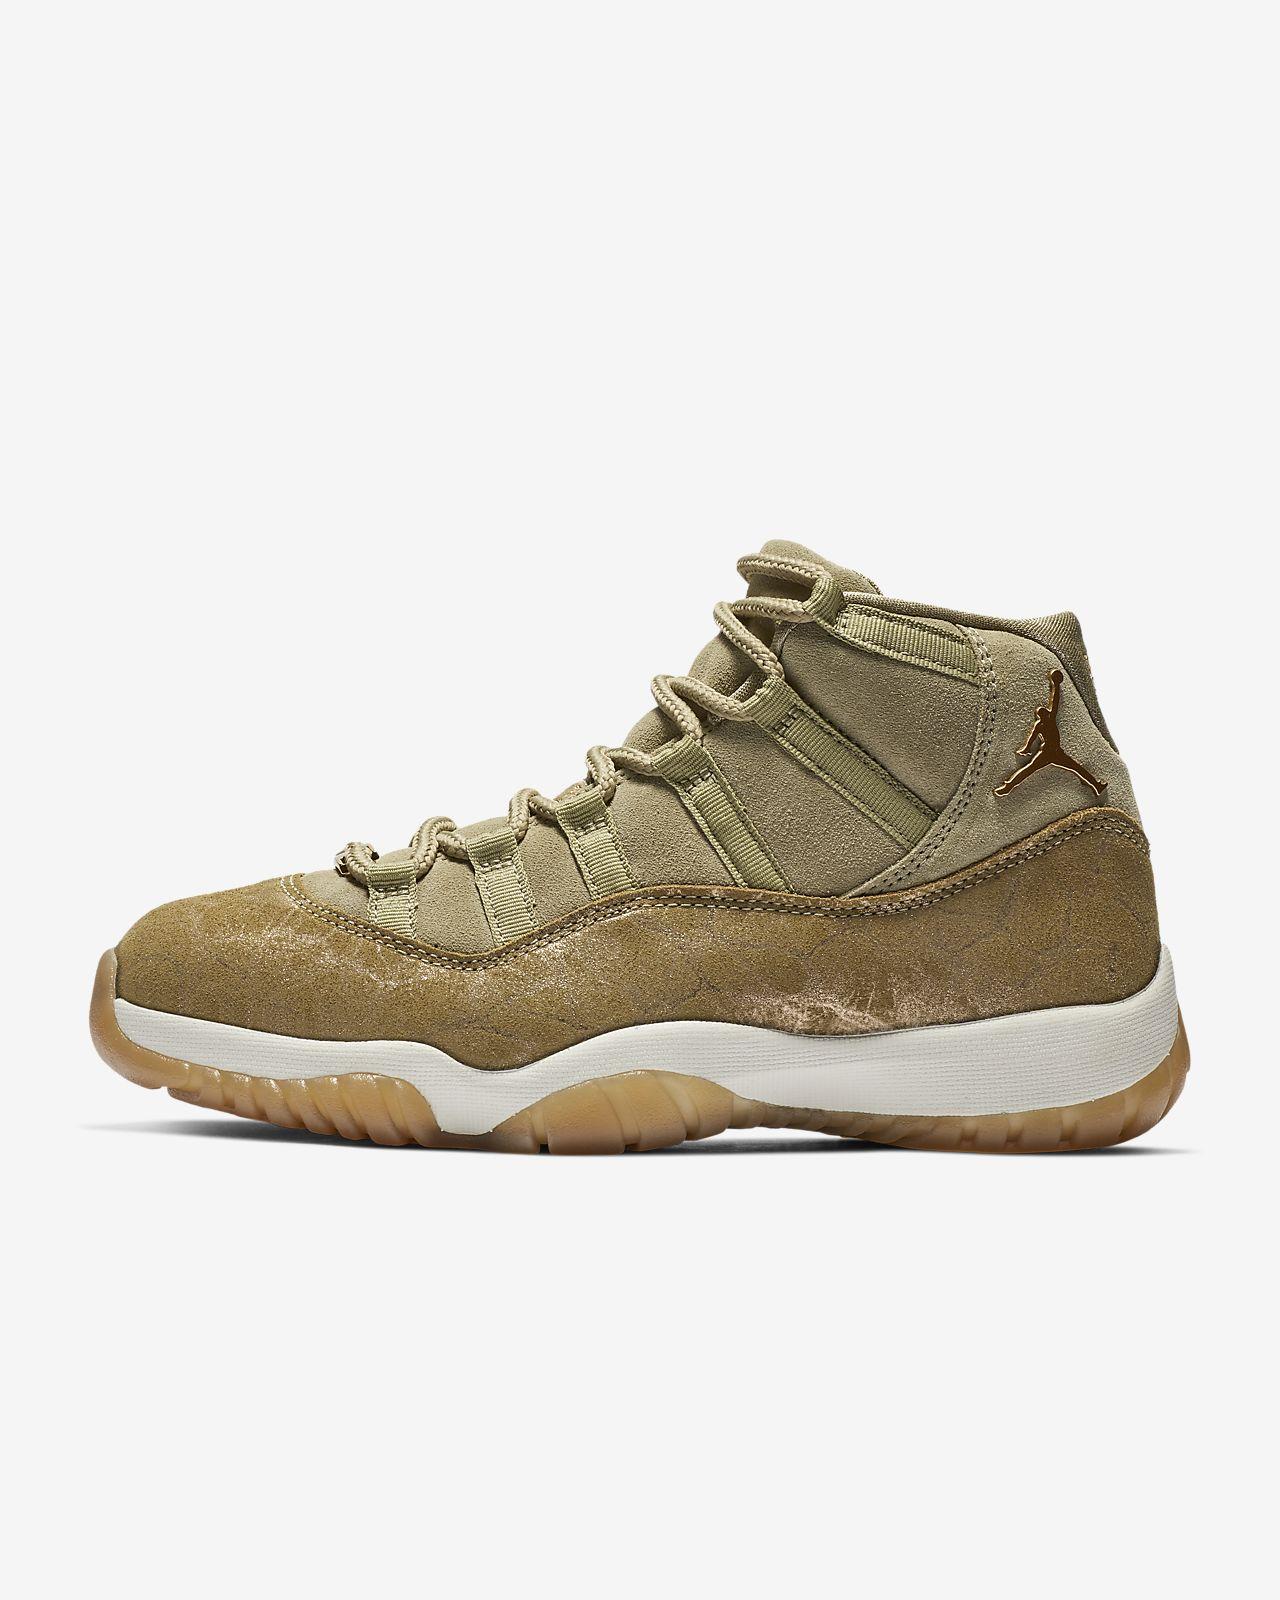 check out 56c89 79d23 ... Chaussure Air Jordan 11 Retro pour Femme